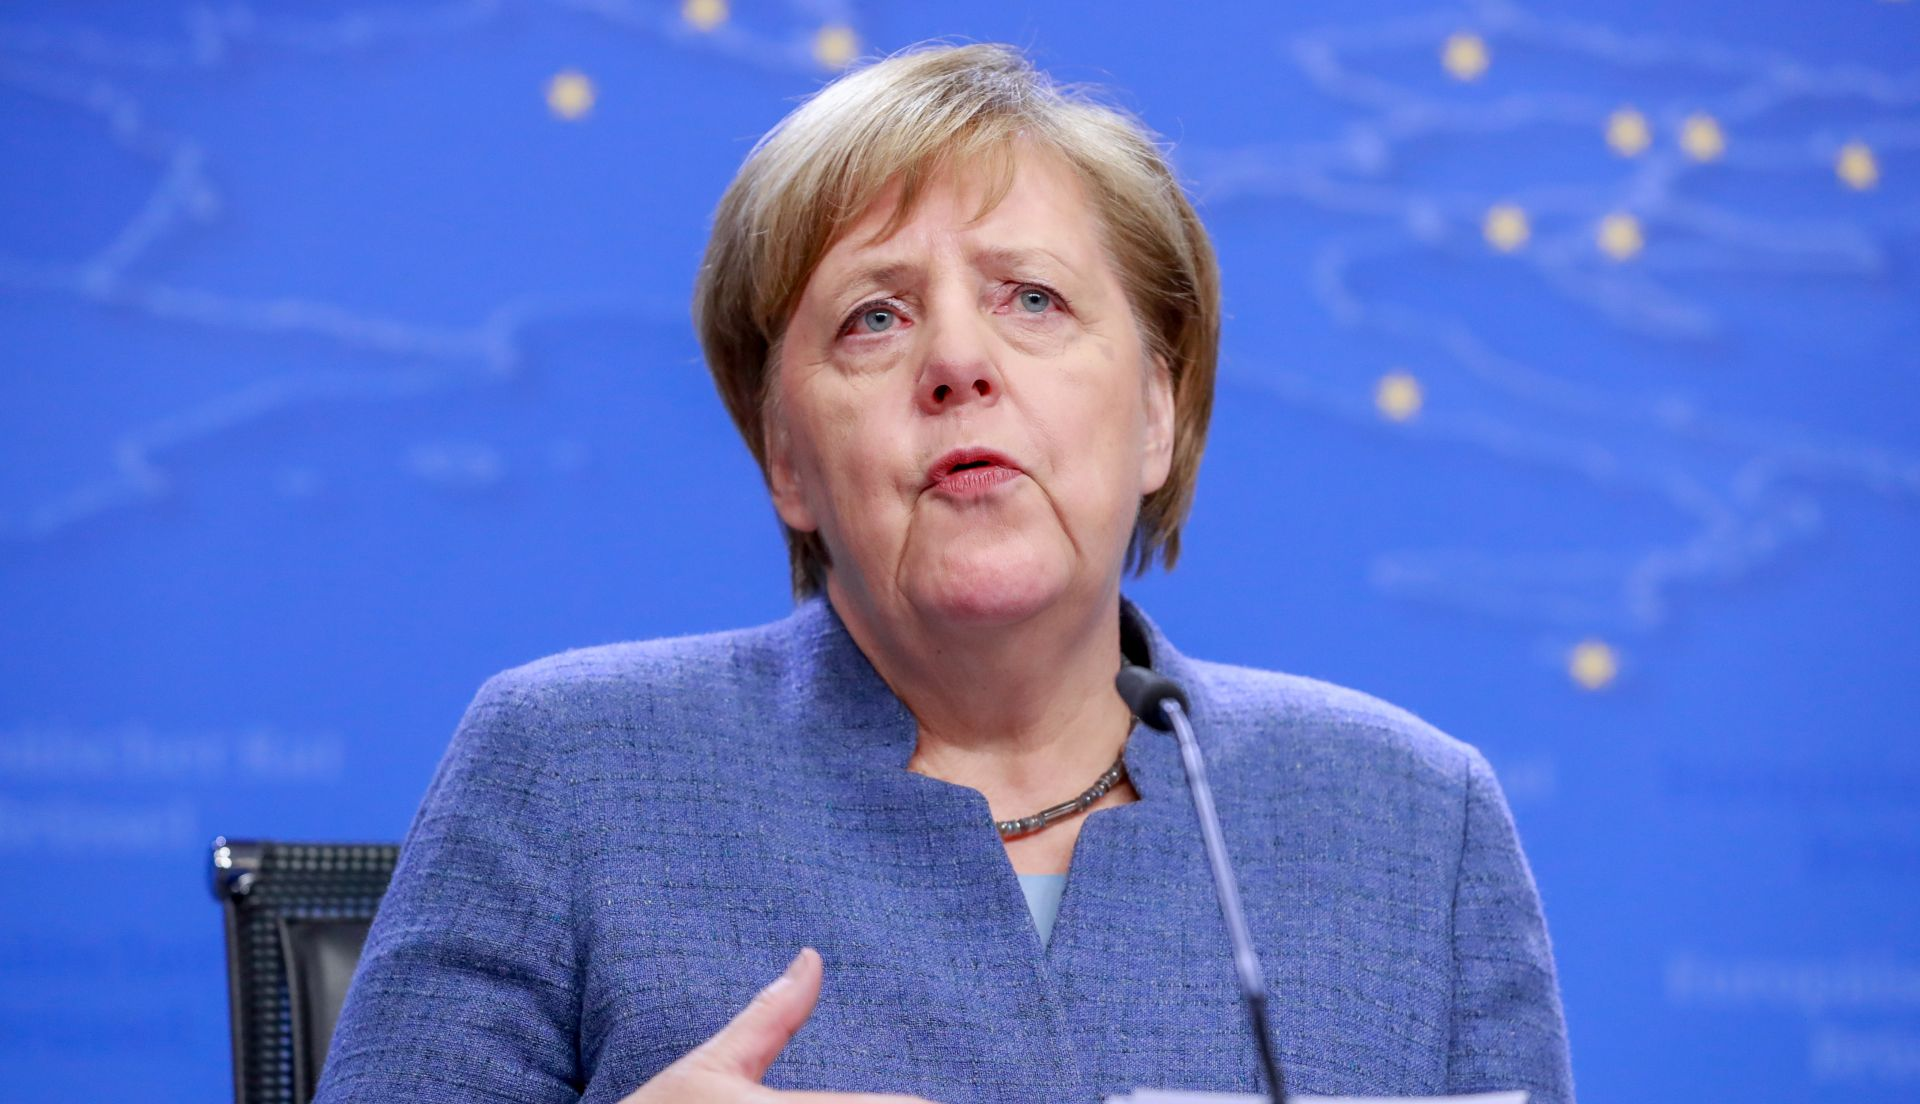 EUROPSKI STOP SRBIJI Merkel: EU će primiti Hrvatsku, i nikog više